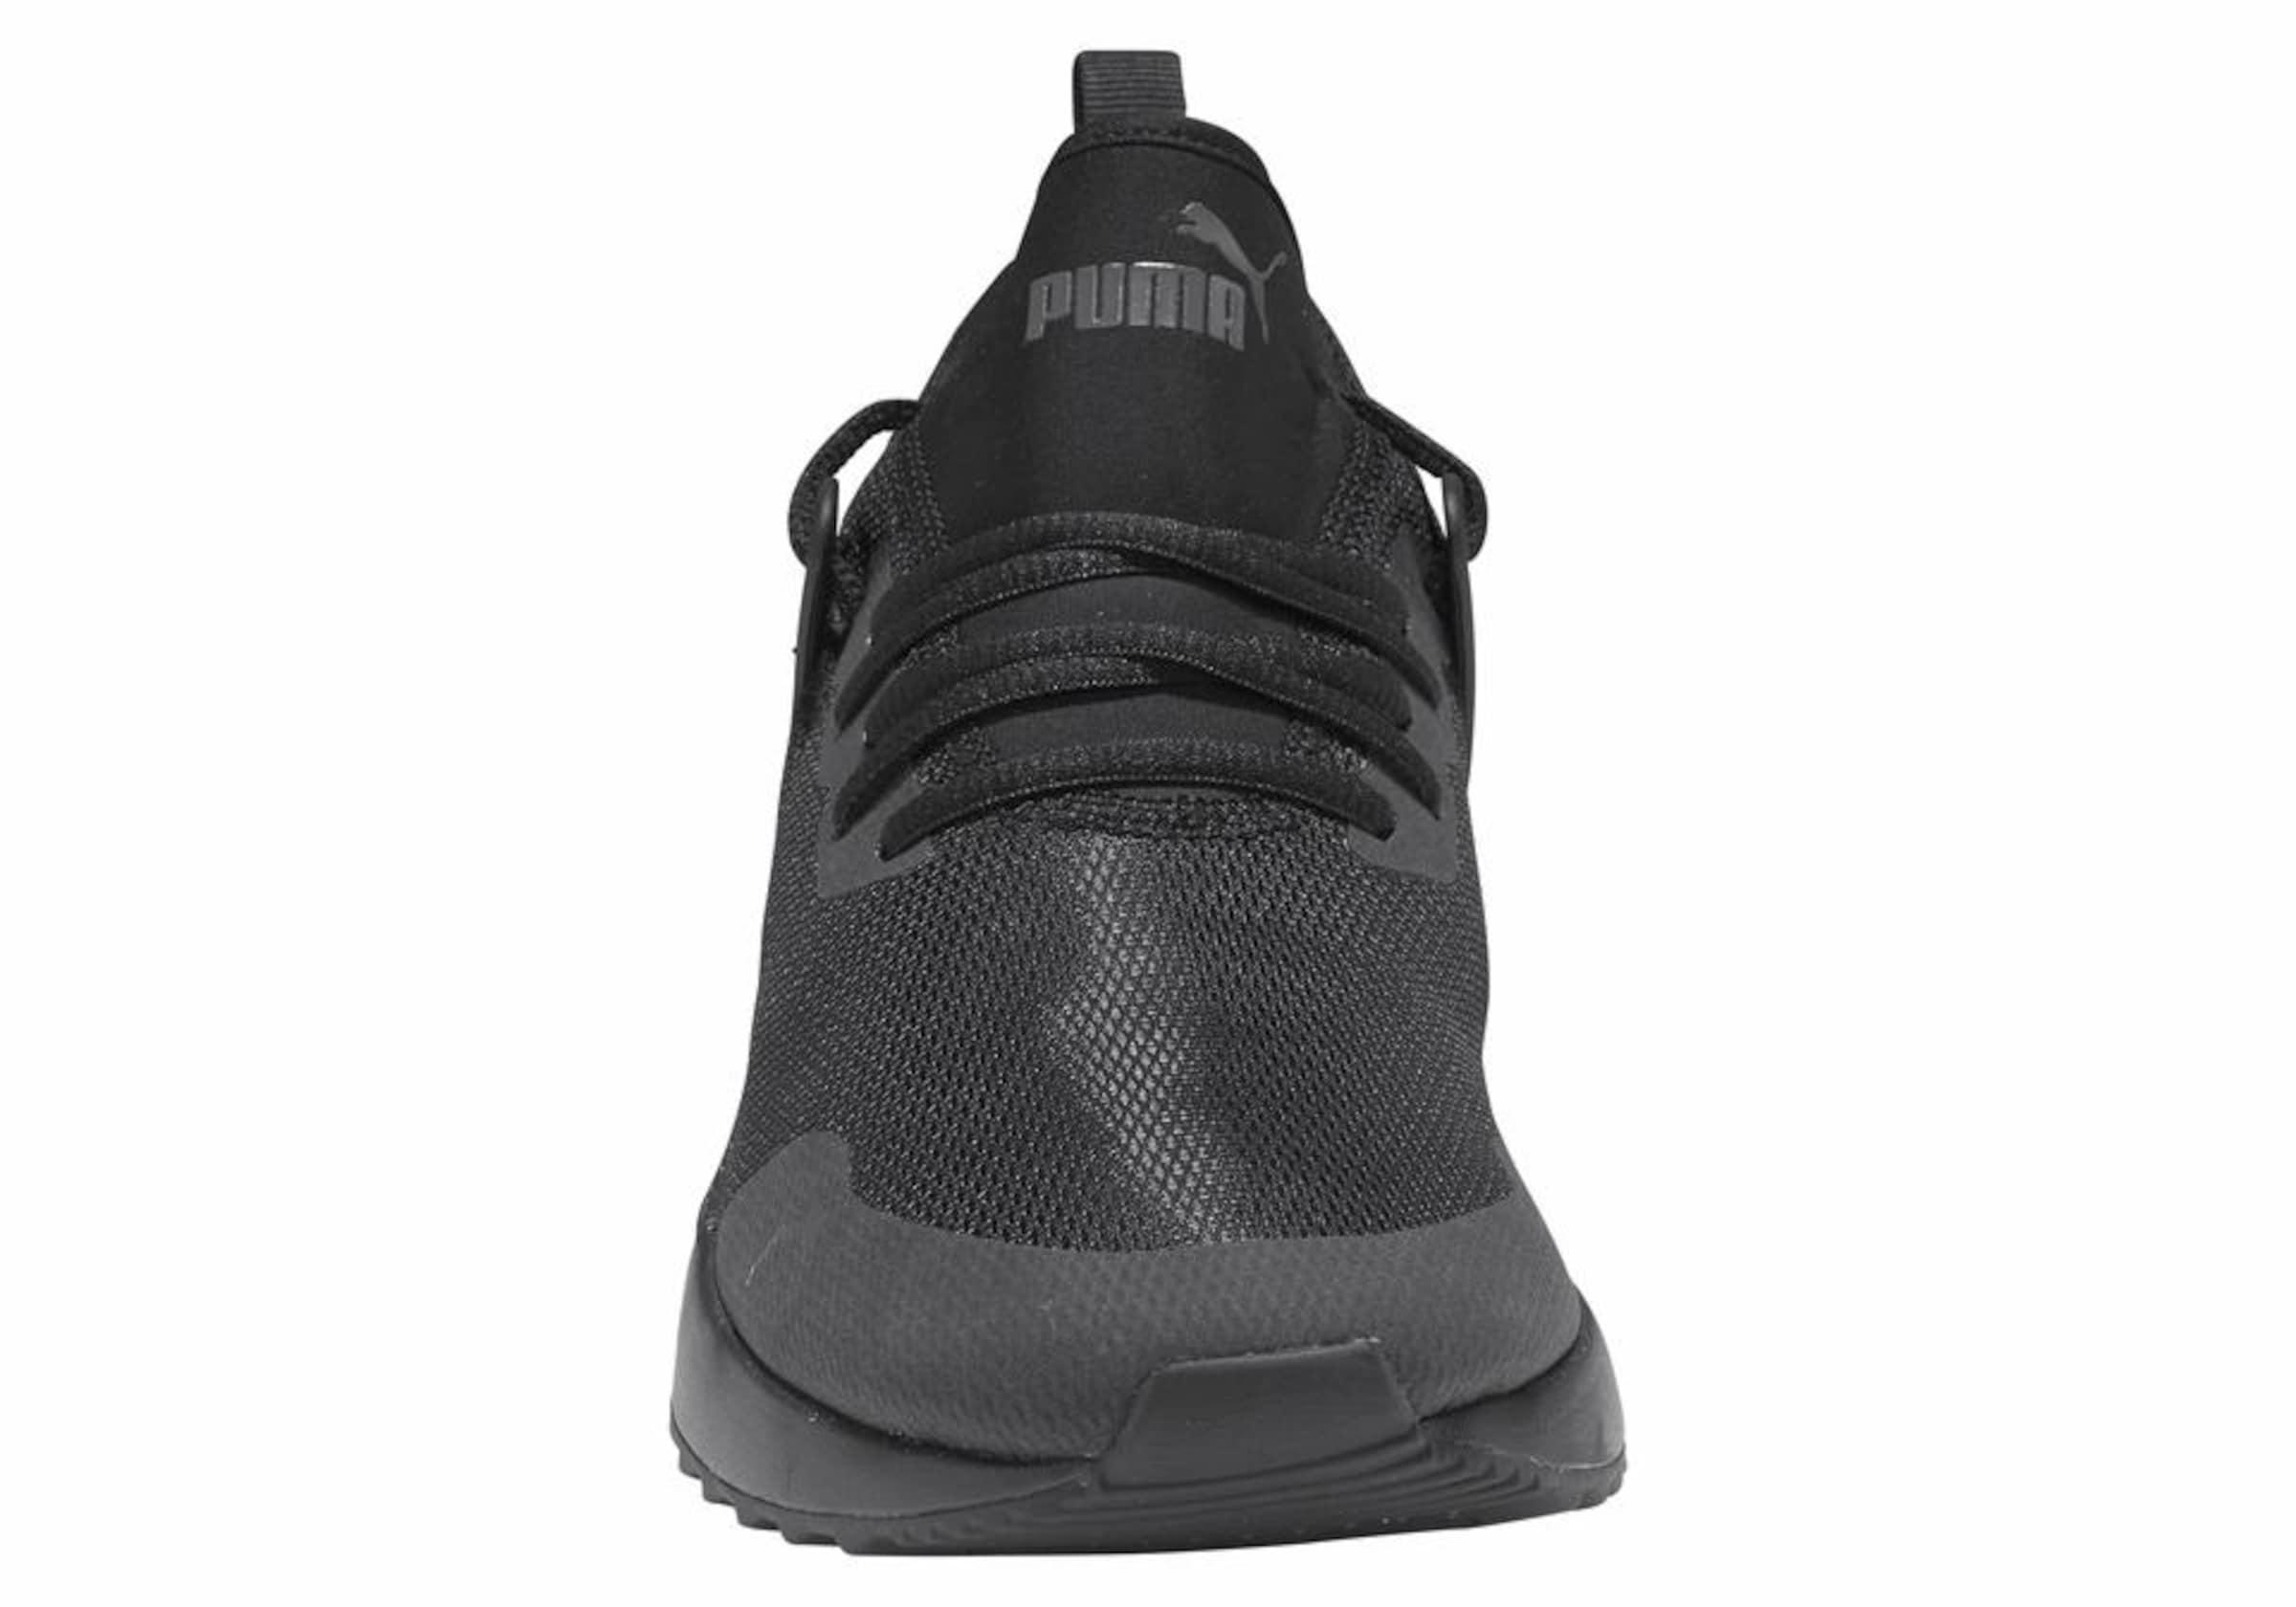 Billig Authentisch PUMA Sneaker 'Pacer Next Cage' Verkauf Des Niedrigen Preises 100% Original Zum Verkauf Outlet Erschwinglich Günstigstener Preis Günstiger Preis UhS6eva6